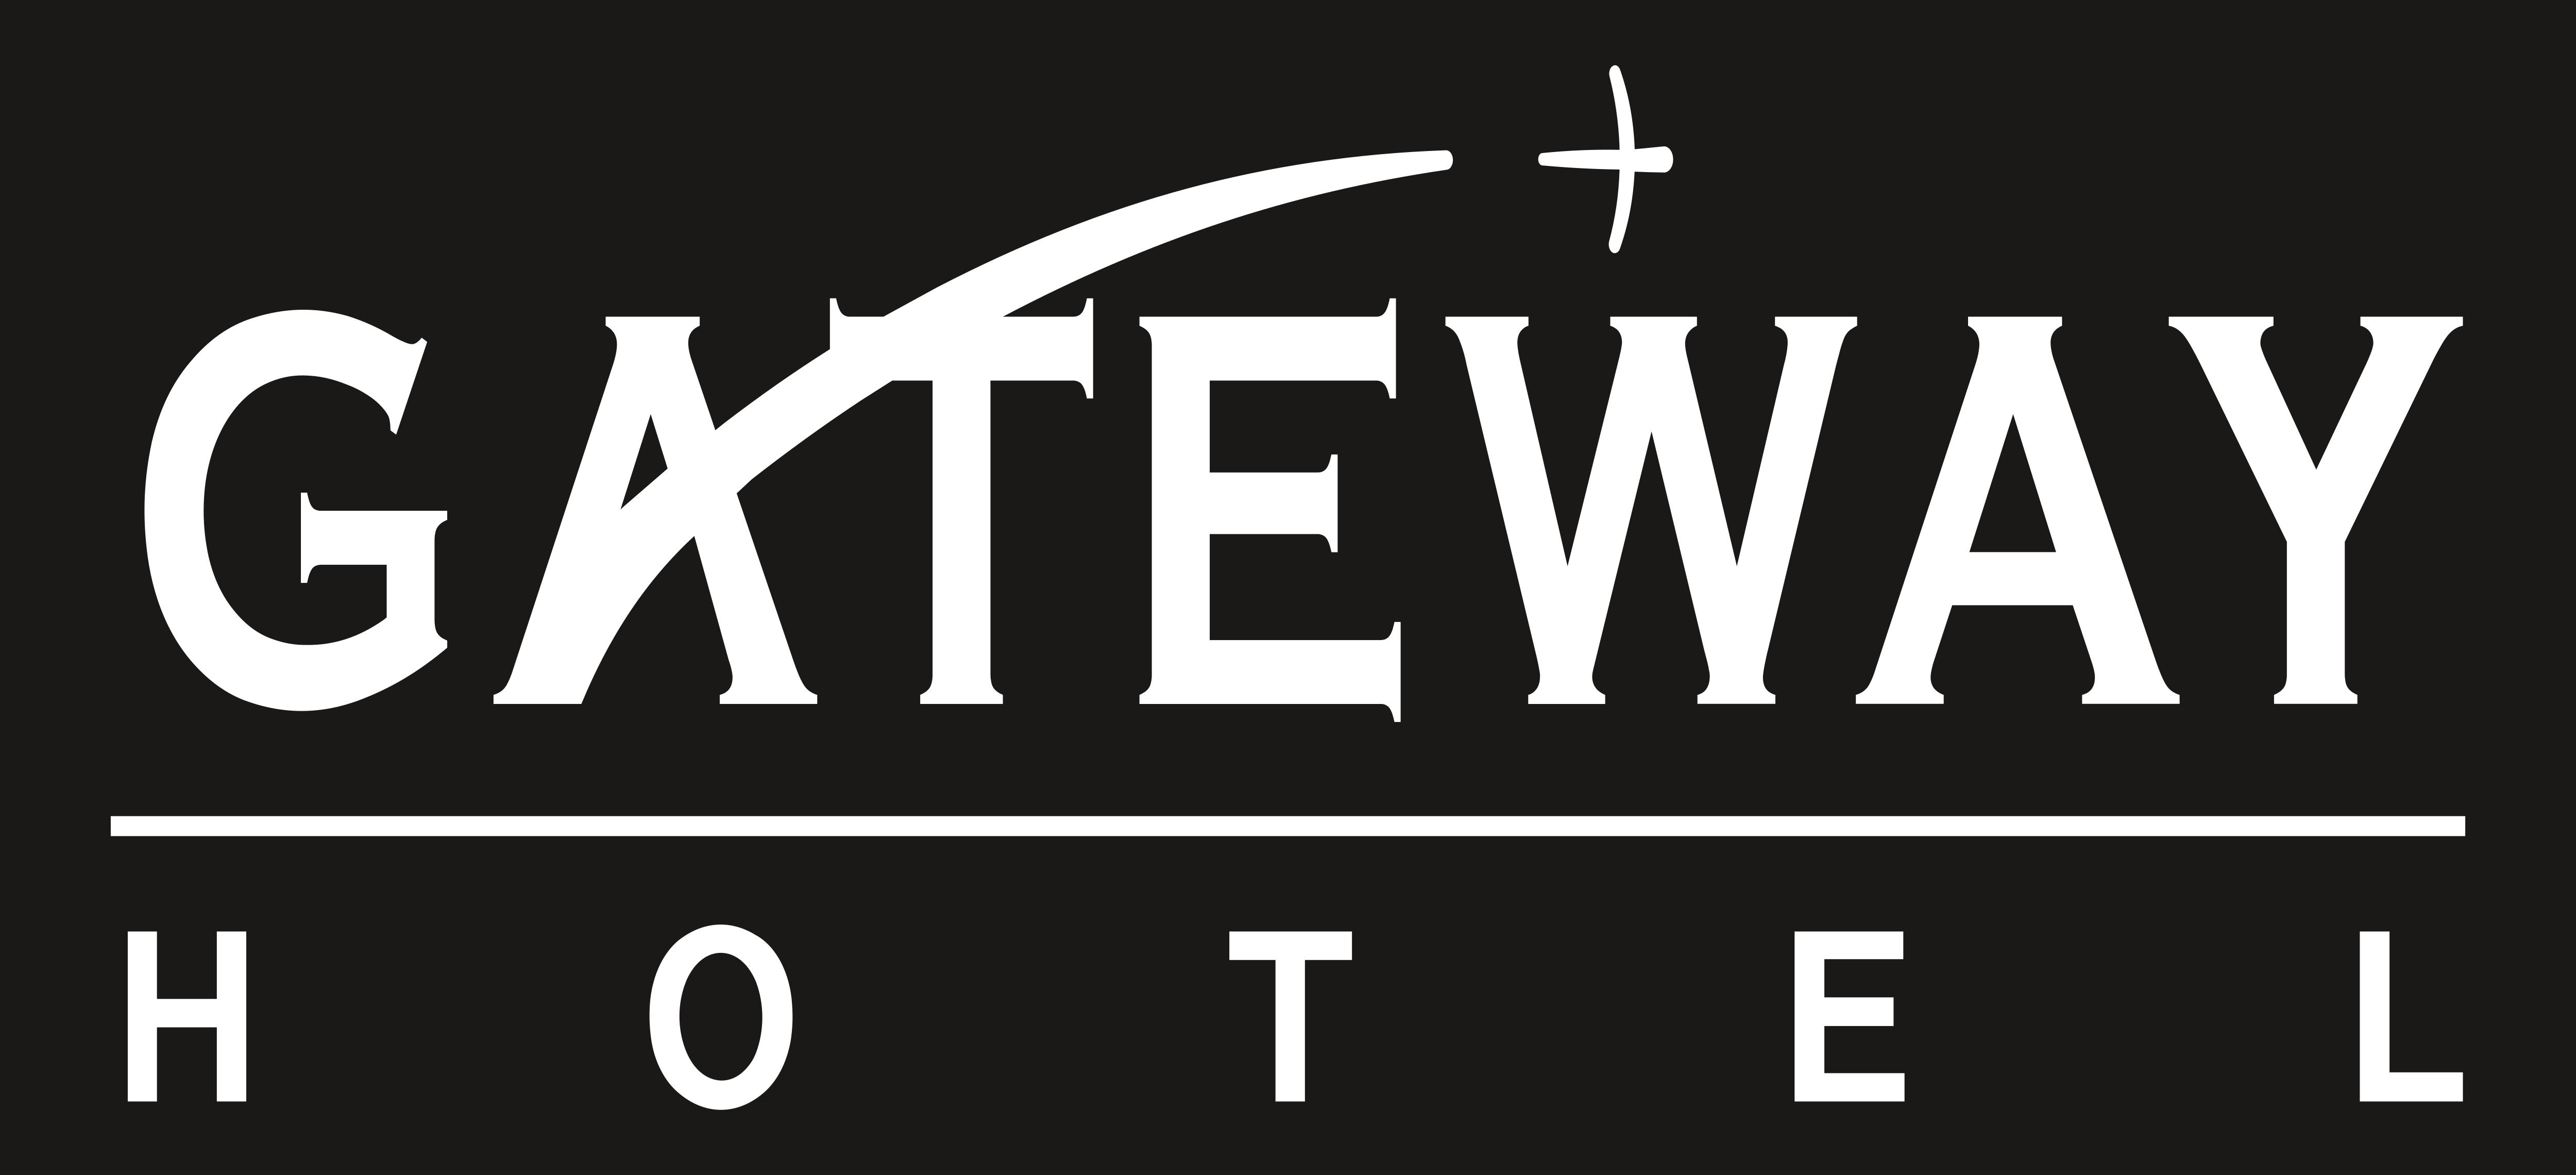 Gateway Hotel - Logos Download